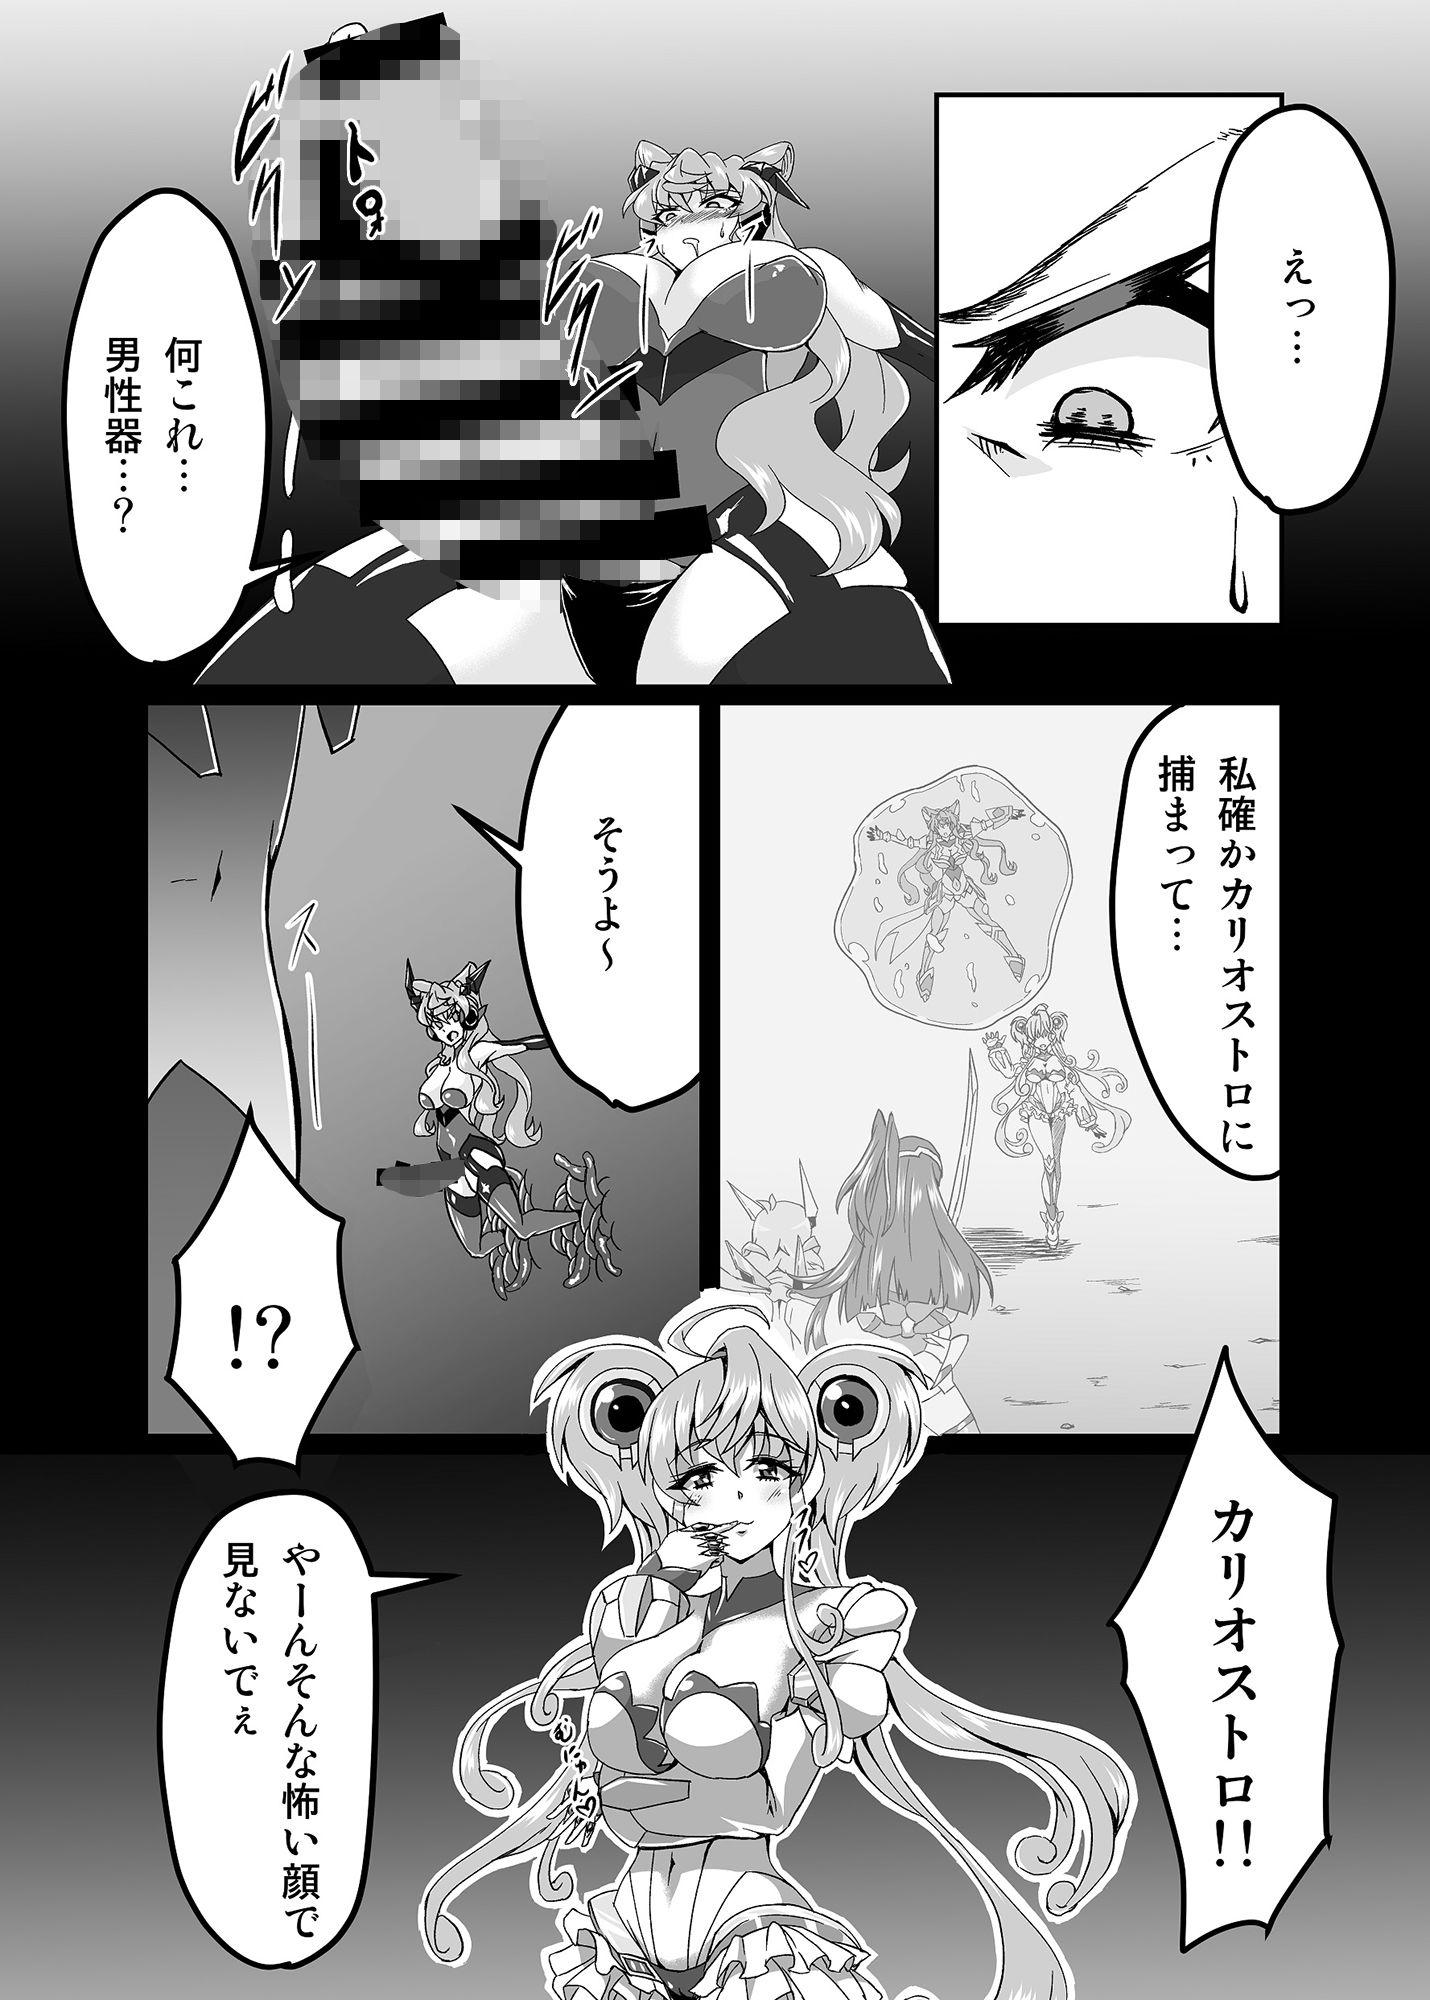 サンプル画像3:マリカリ大触手(第三新世界) [d_188351]